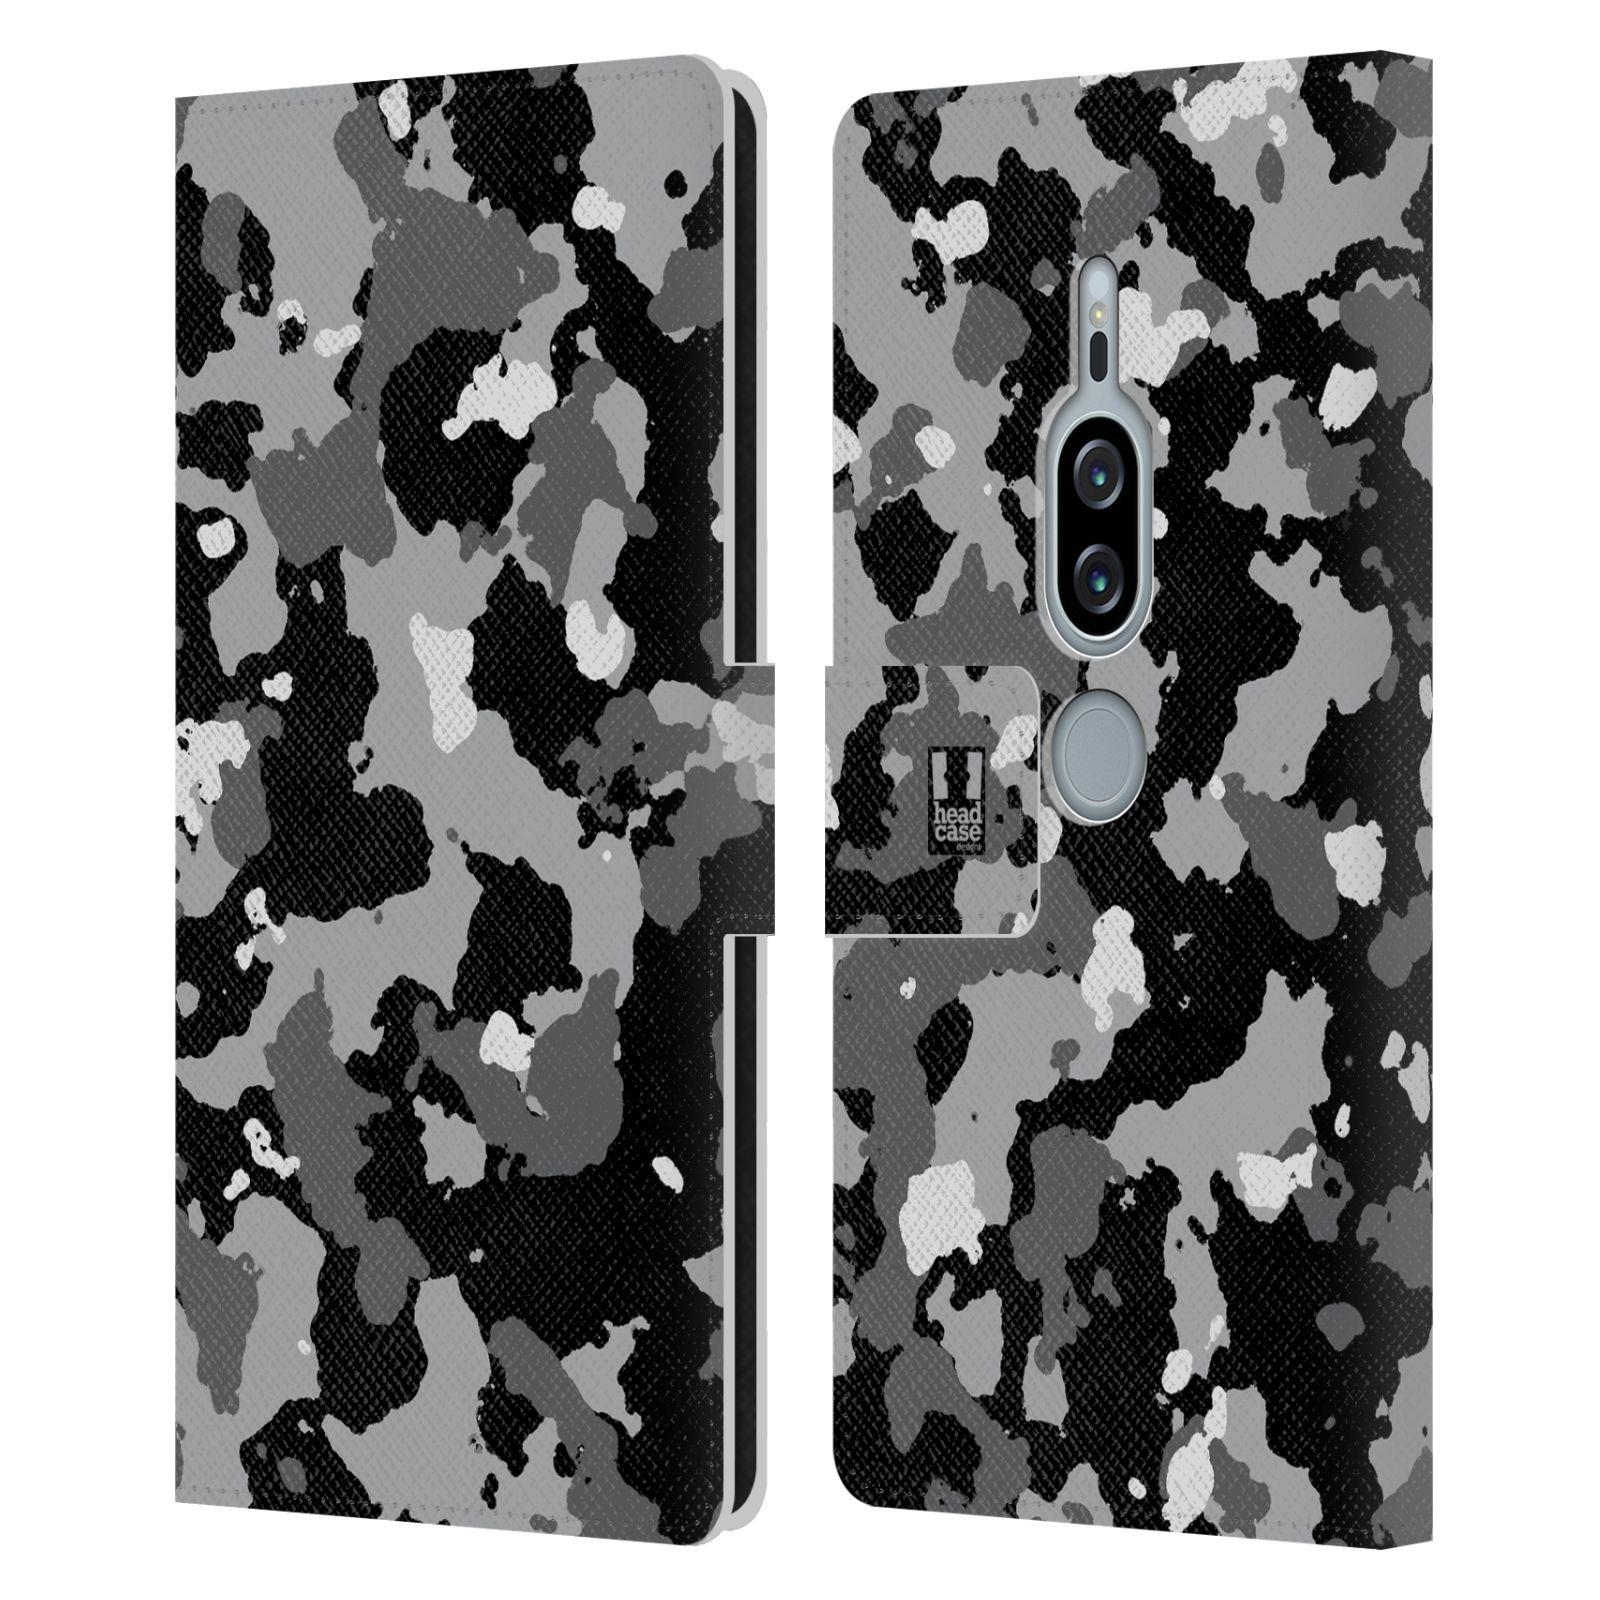 Pouzdro na mobil Sony Xperia XZ2 Premium - Head Case - kamuflaž černá a šedá